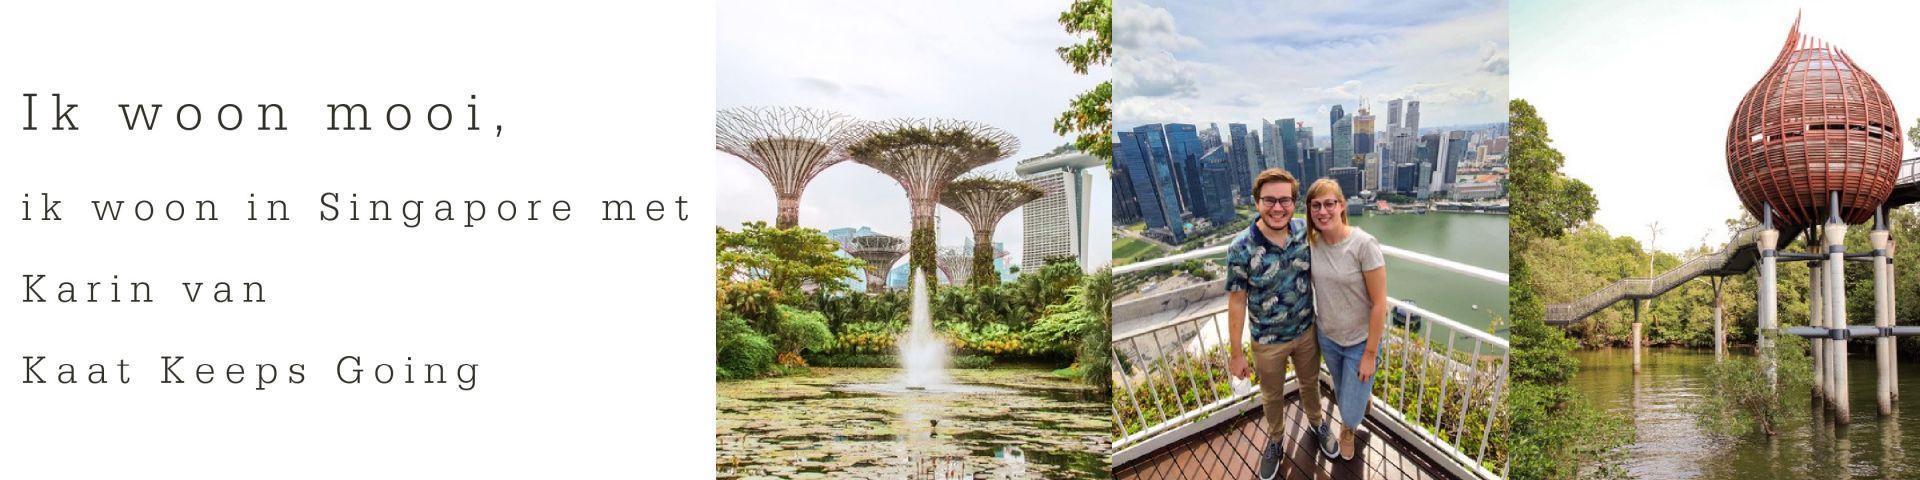 Ik woon mooi, ik woon in Singapore